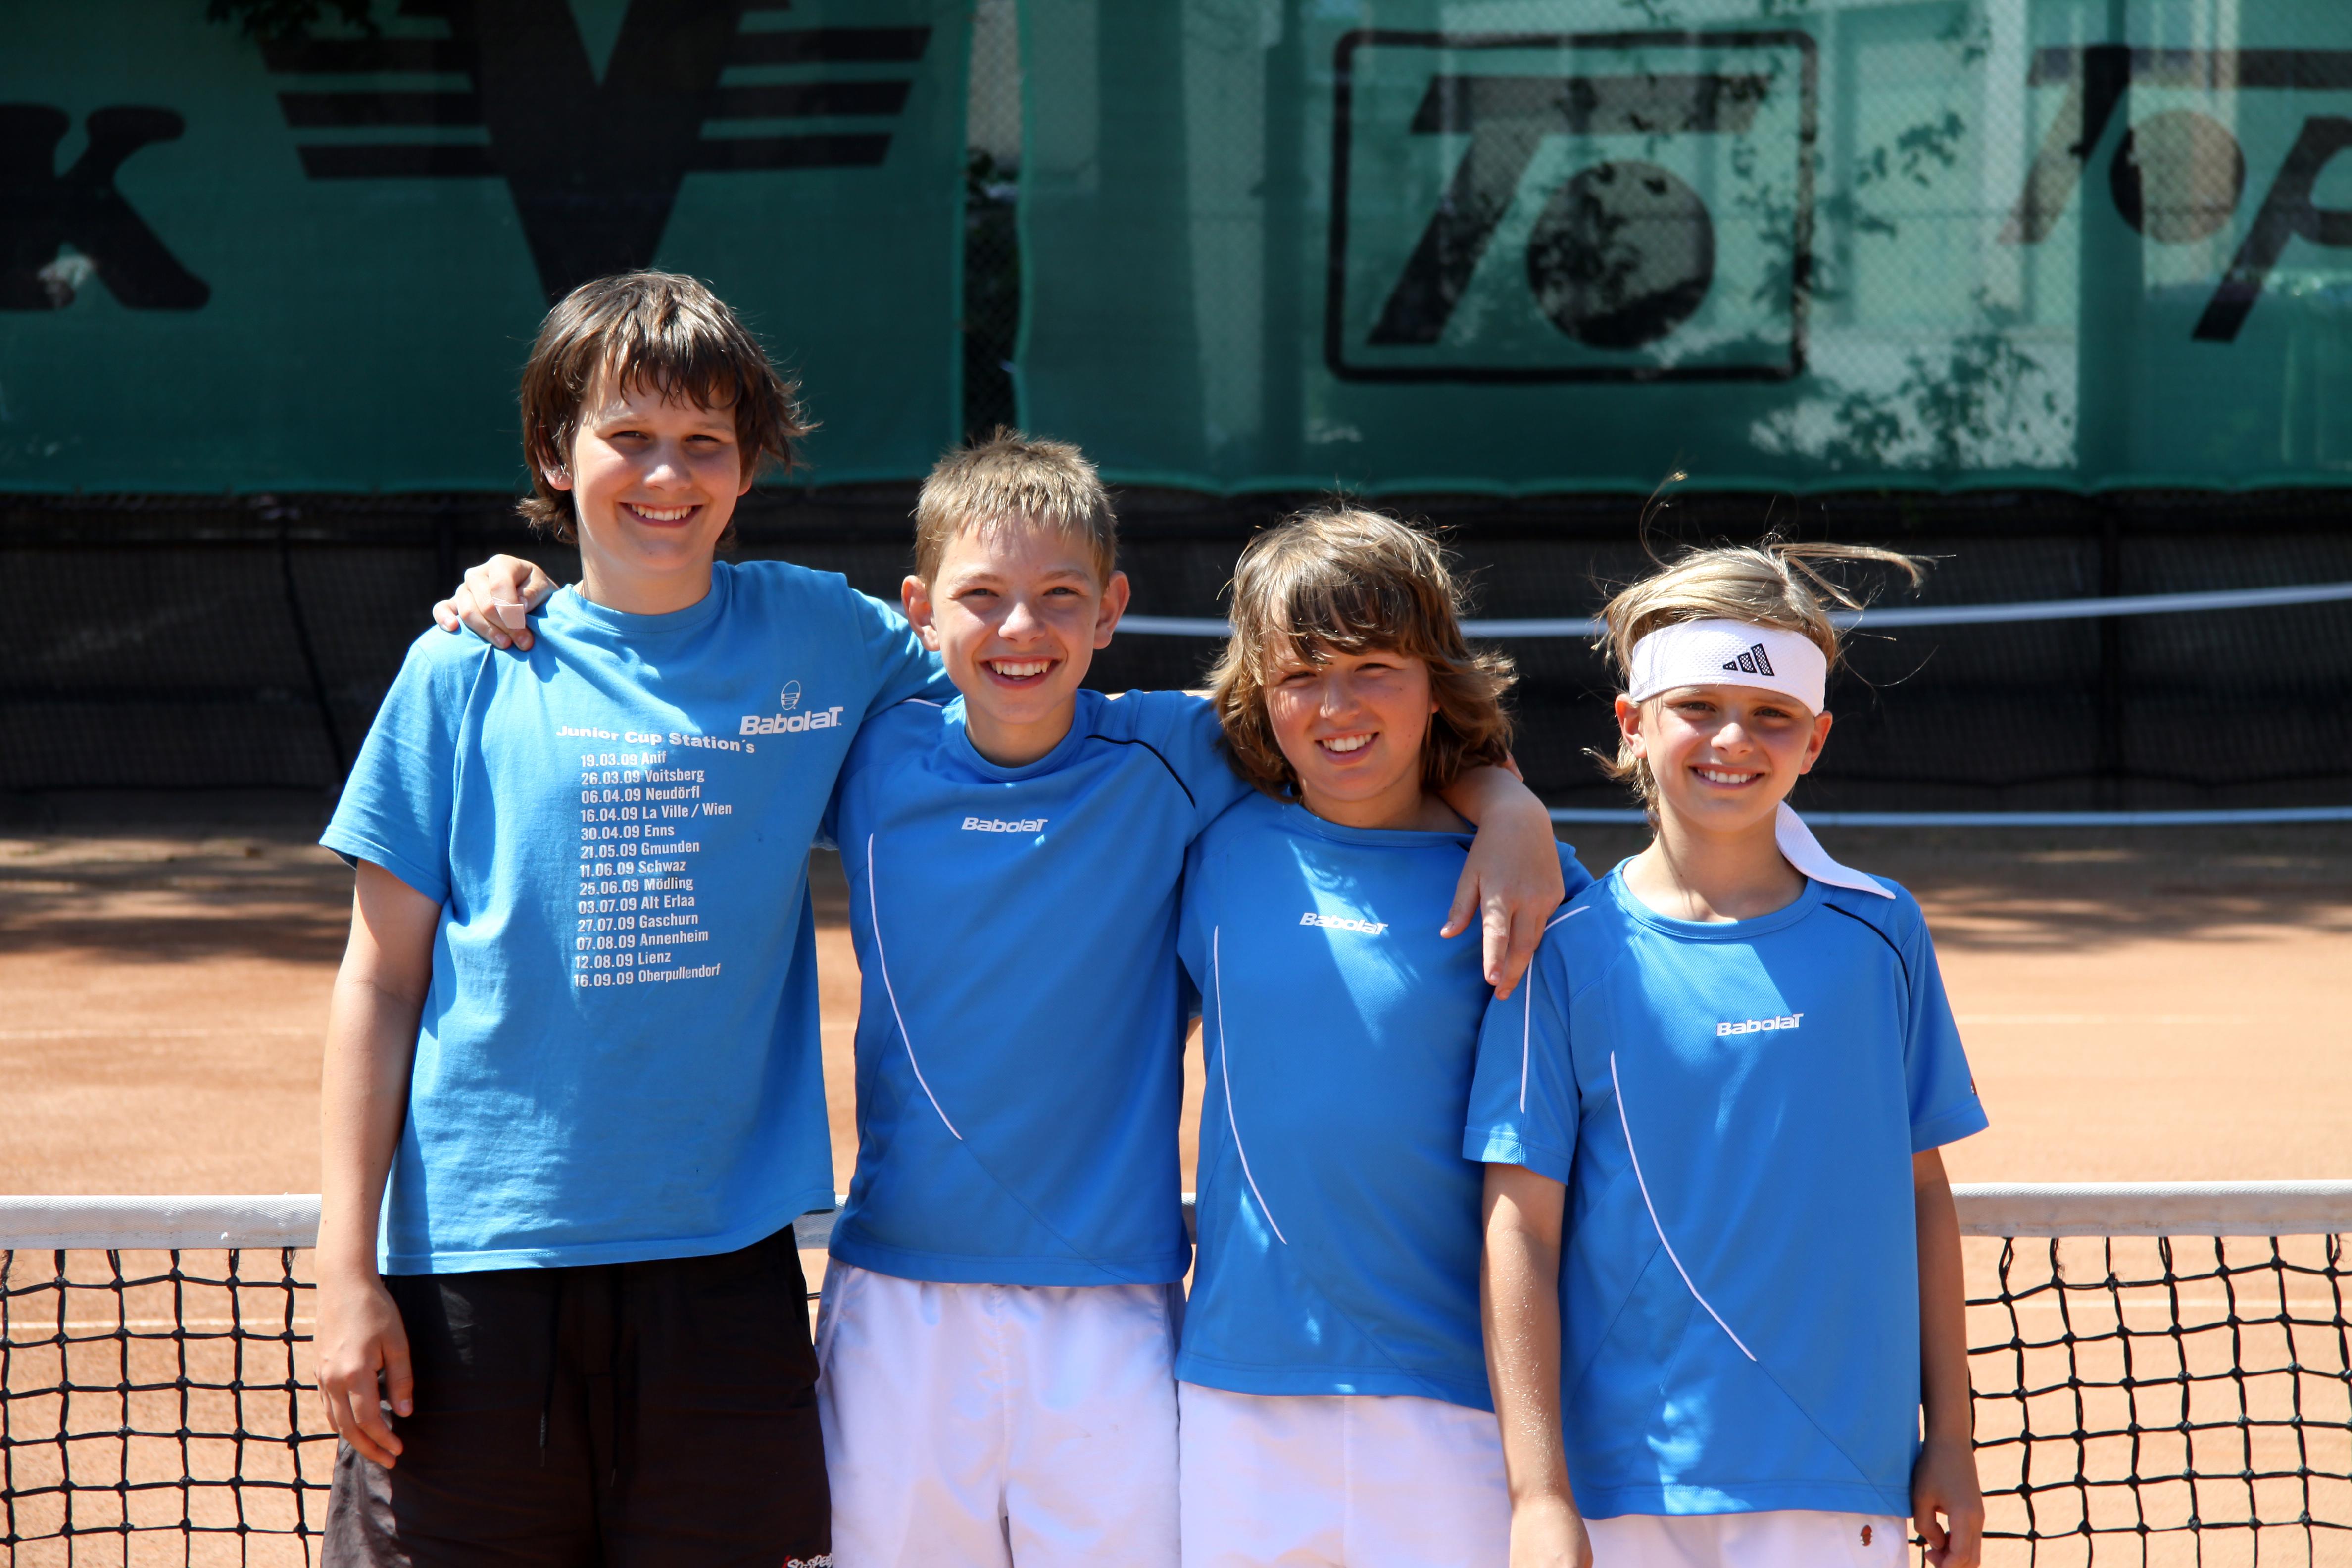 U12-Mannschafts-Landesmeister (Lukas Wohlmuth, Philip Hajos, Lukas Schotola, Maxi Baierling